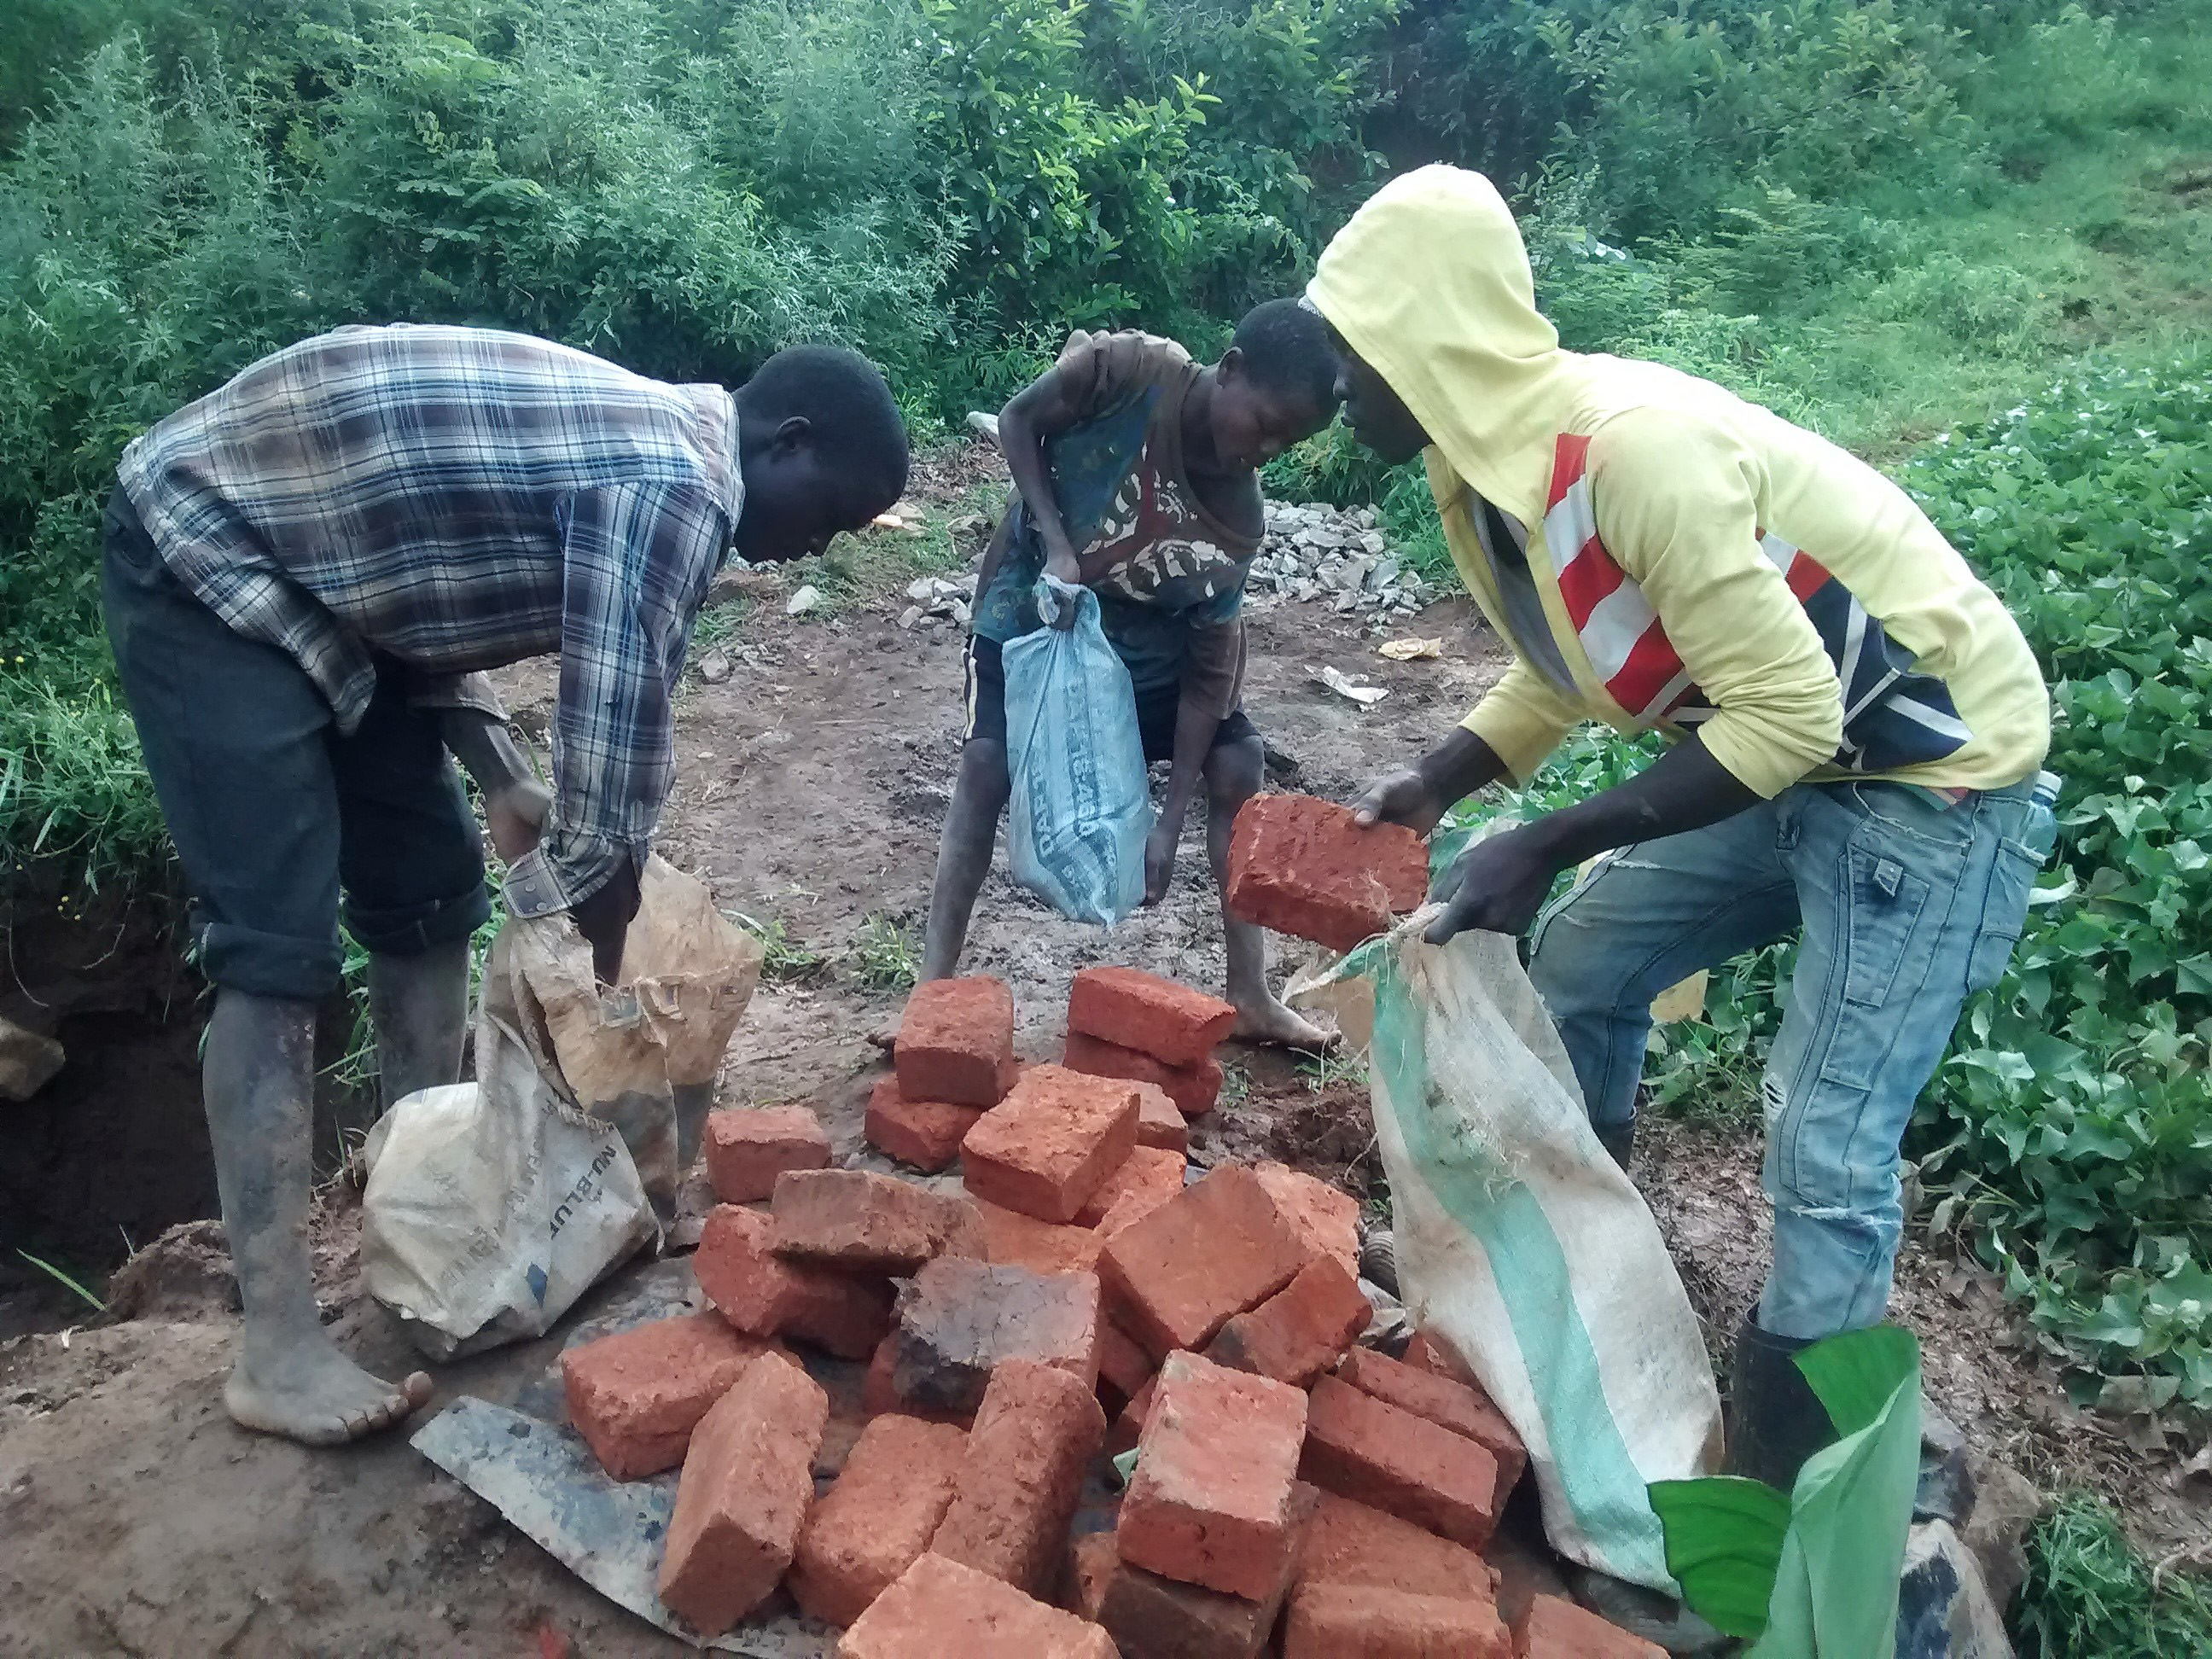 14 kenya4715 community members gather materials